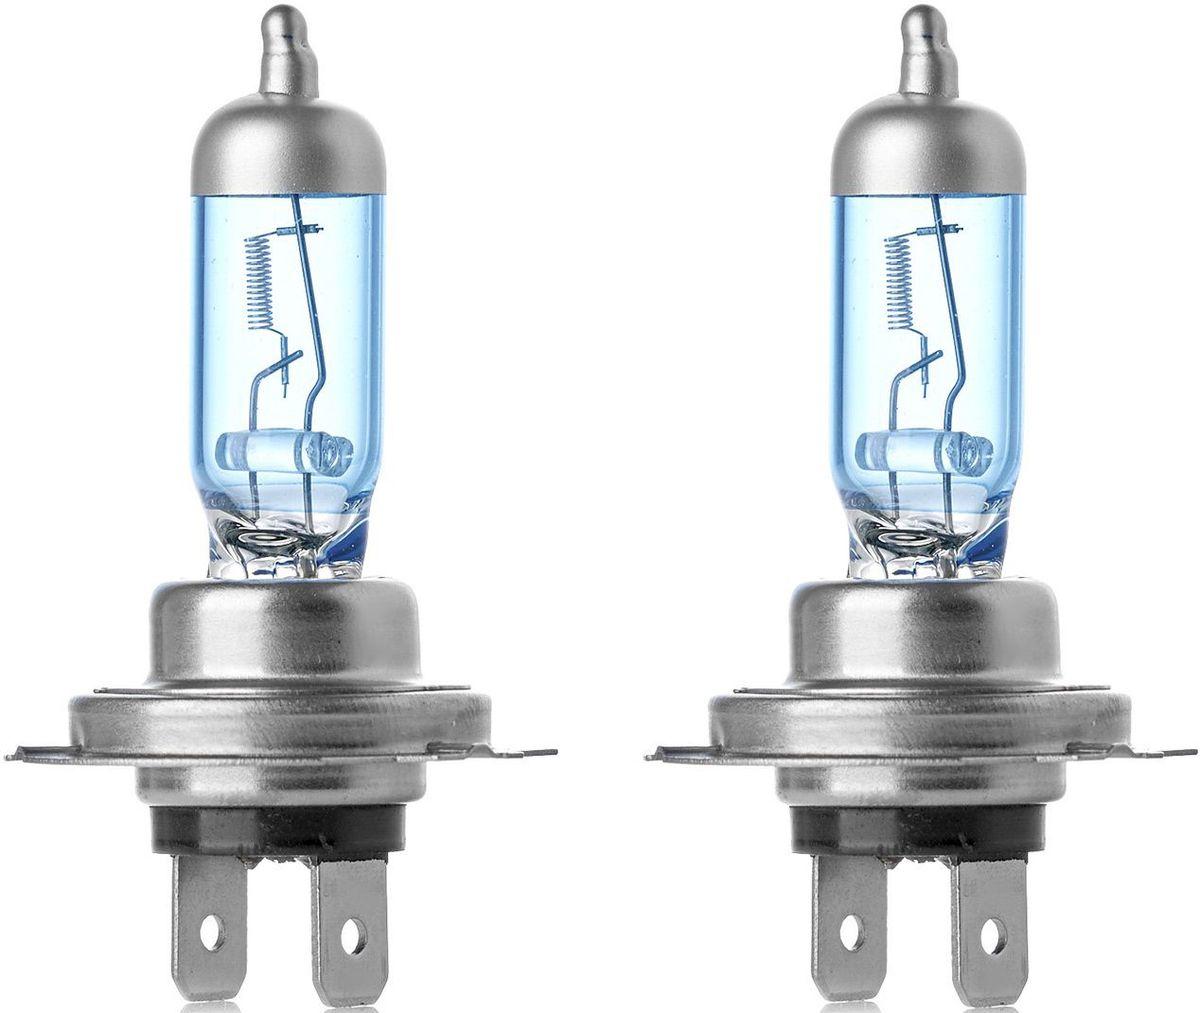 Лампа автомобильная галогенная Clearlight H7 WhiteLight, 2 штMLH7WLWhiteLight. Цветовая температура 4300К. Голубовато-белый свет. Производит такое же впечатление, что и свет стандартных ксеноновых ламп. Идеально подходит для использования в фарах с прозрачным стеклом. Современный дизайн с серебряным колпачком.